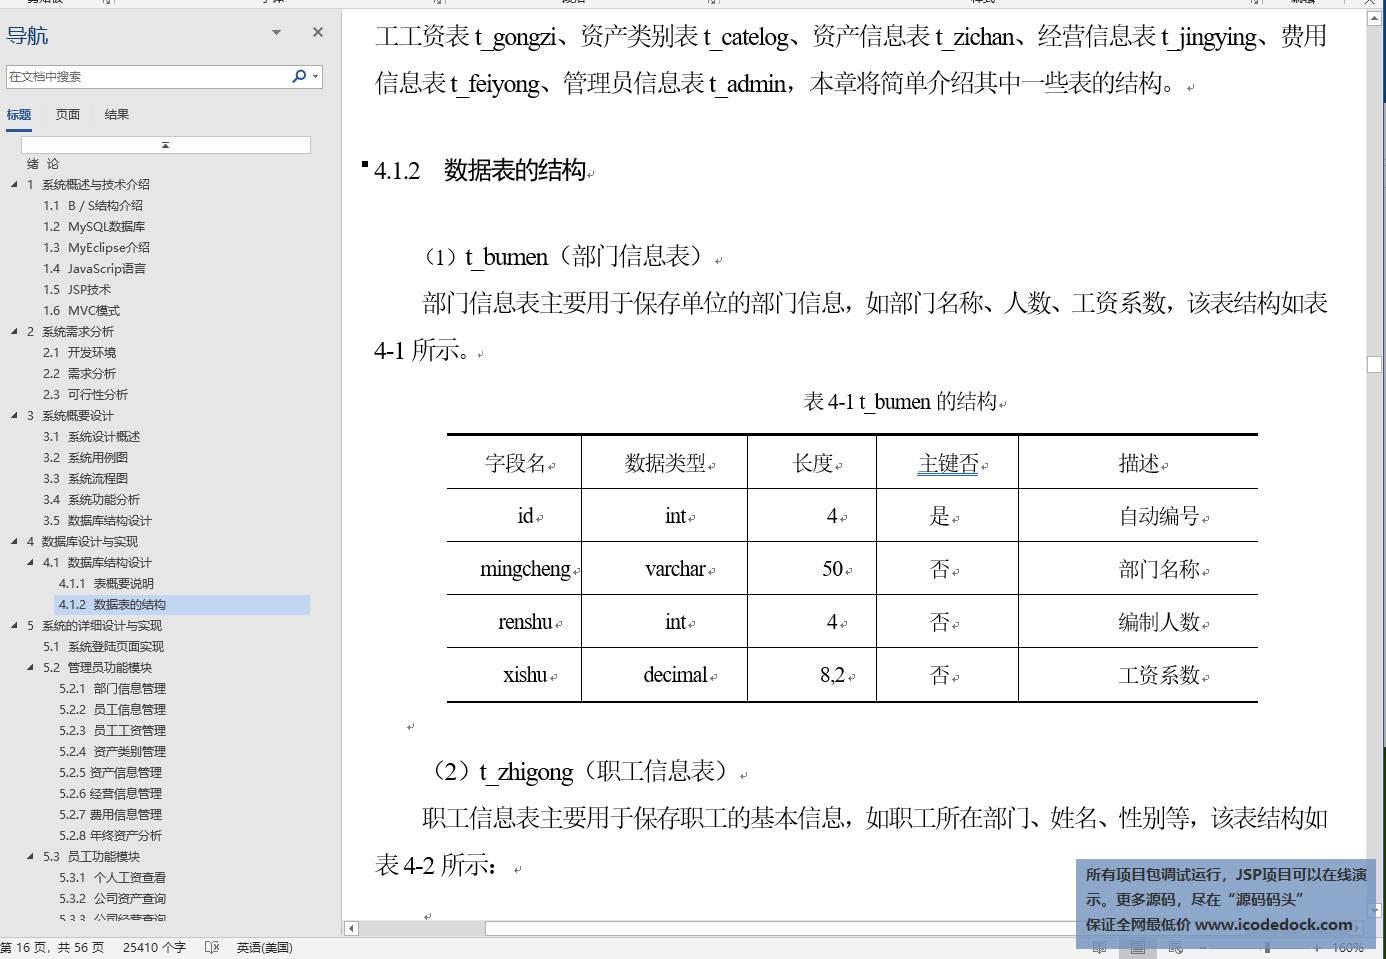 源码码头-JSP企业财务管理系统-设计论文-数据库设计